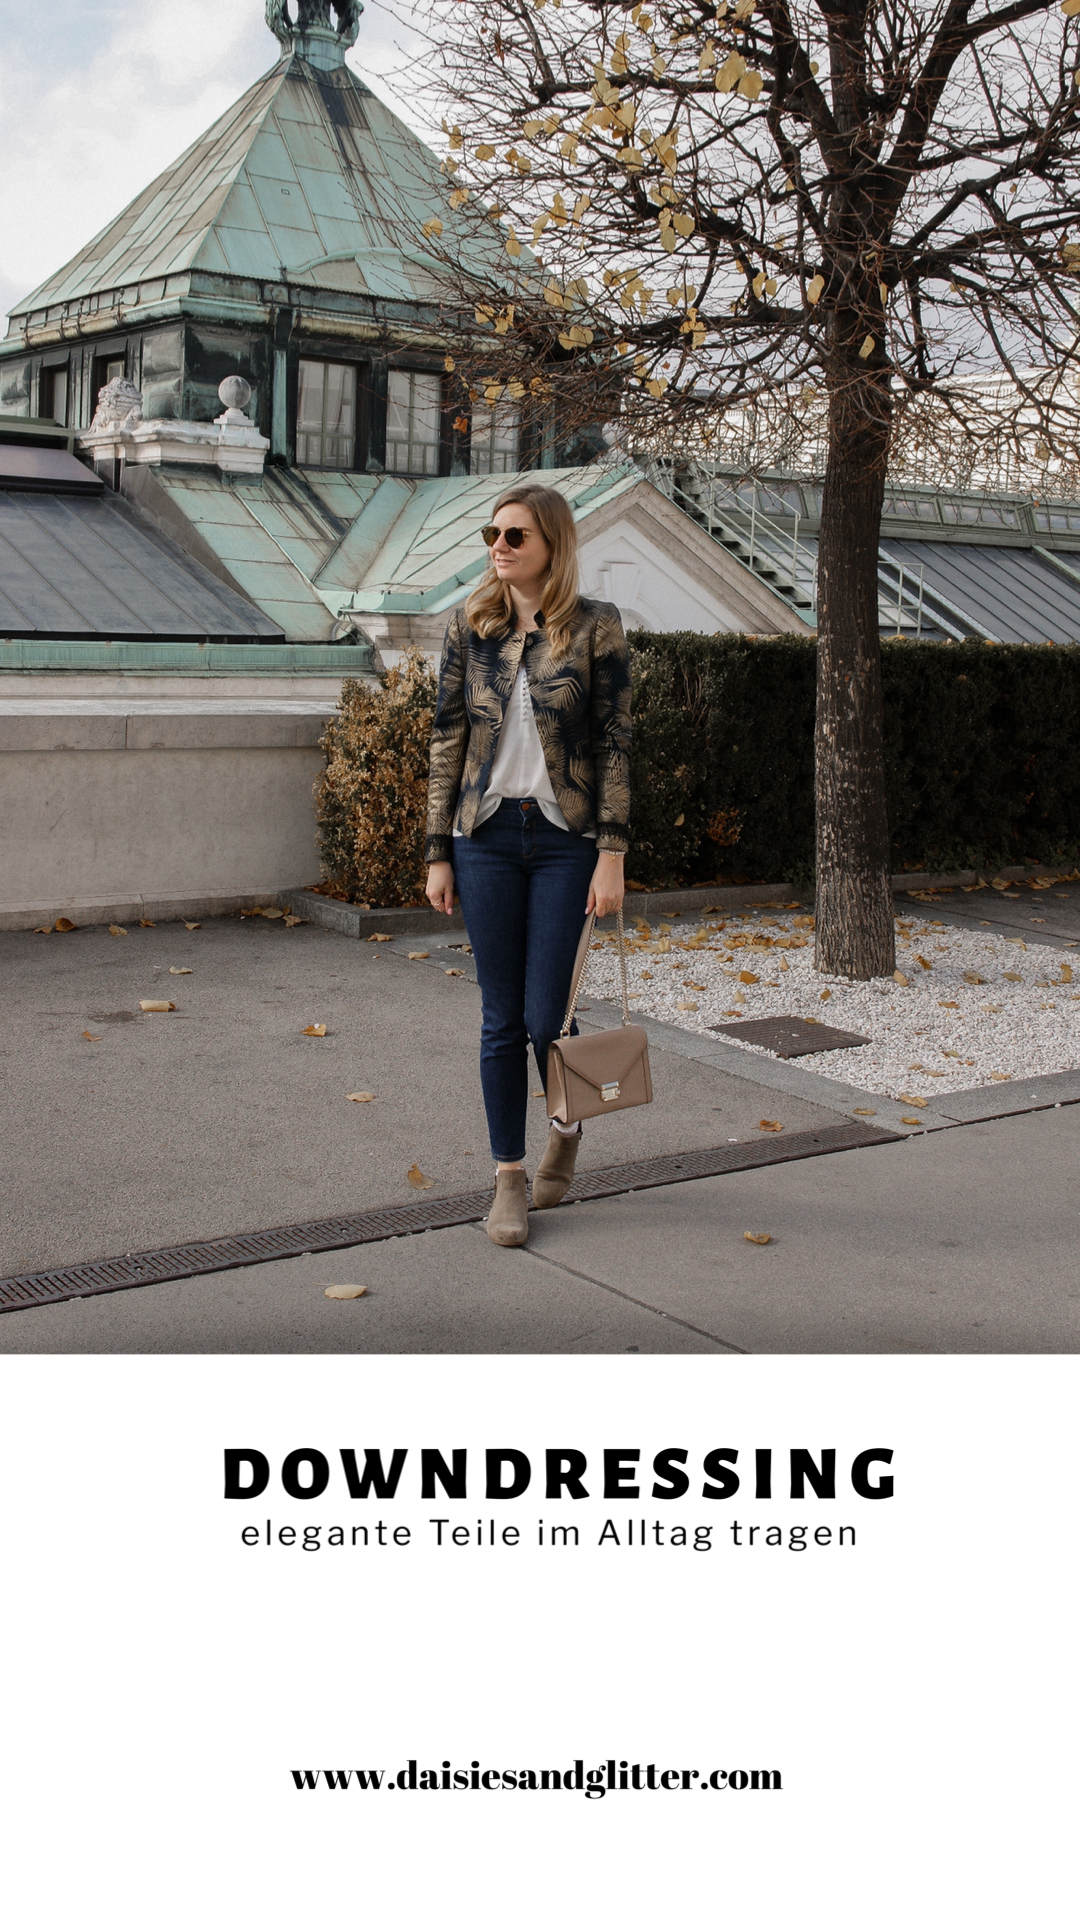 Downdressing